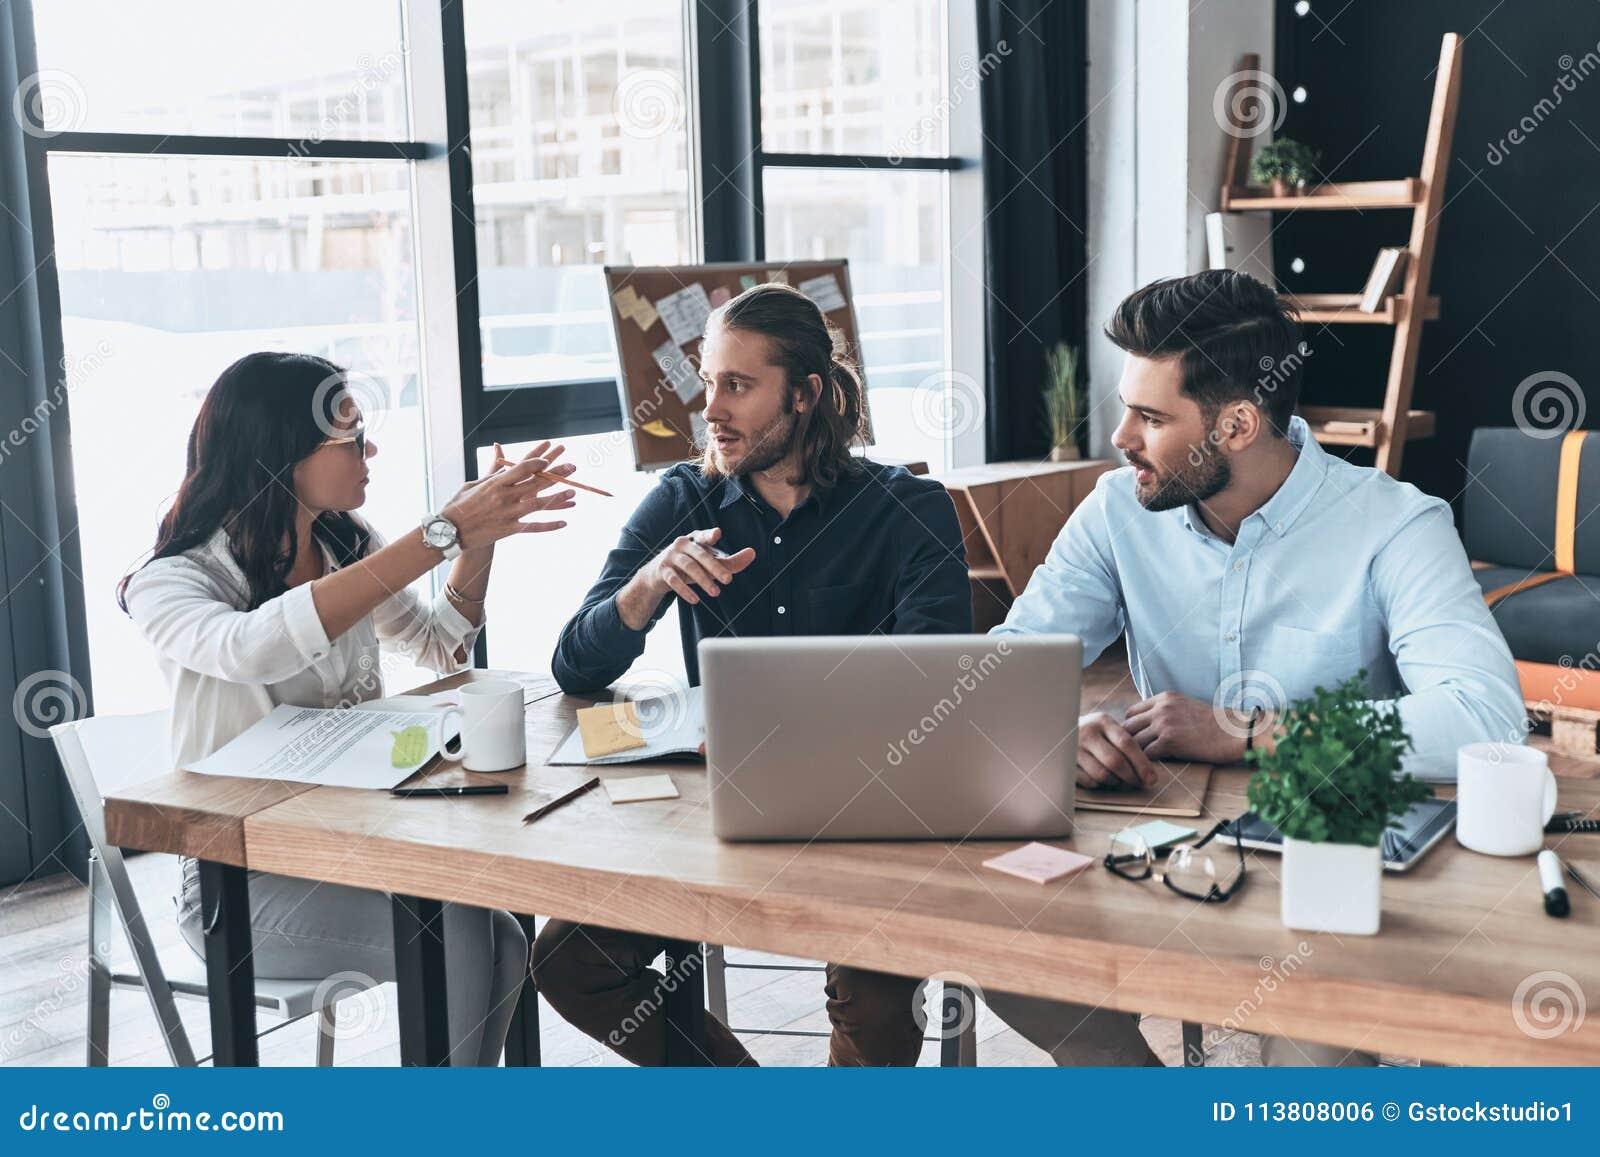 Samenwerking in actie Groep jonge moderne mensen in slimme cas